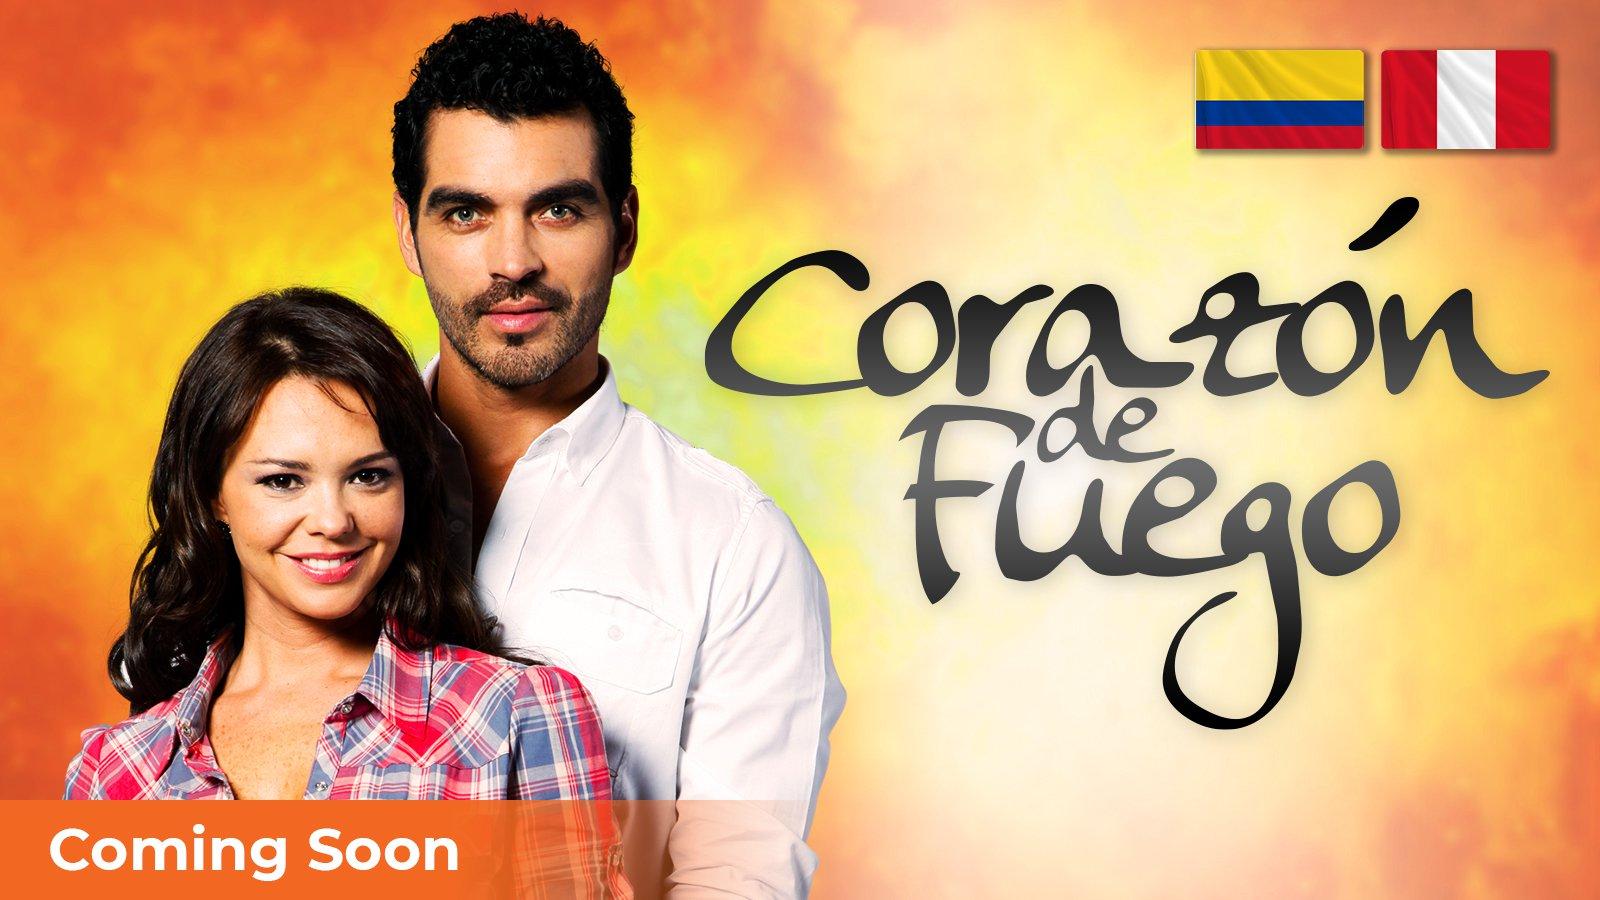 Corazón de Fuego poster